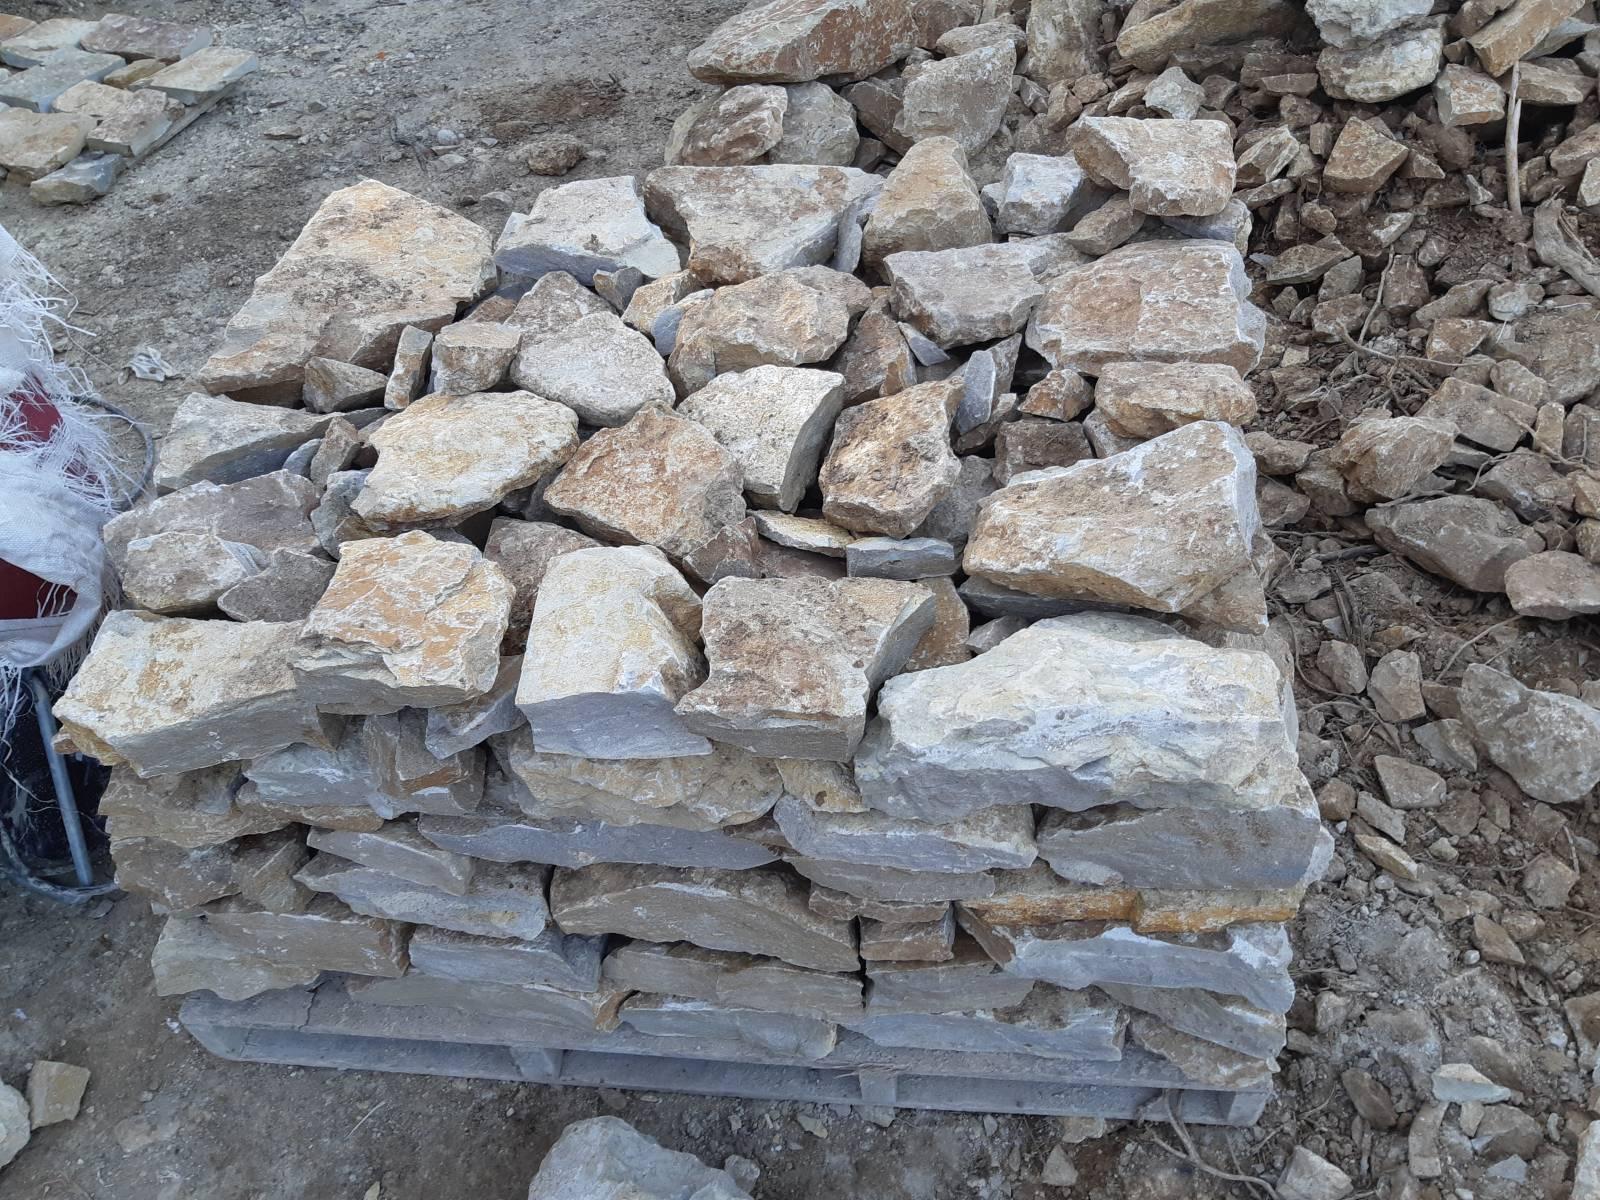 trouver des pierres pour muret am nagements paysagers et vente de pierres sur ollioules d co. Black Bedroom Furniture Sets. Home Design Ideas